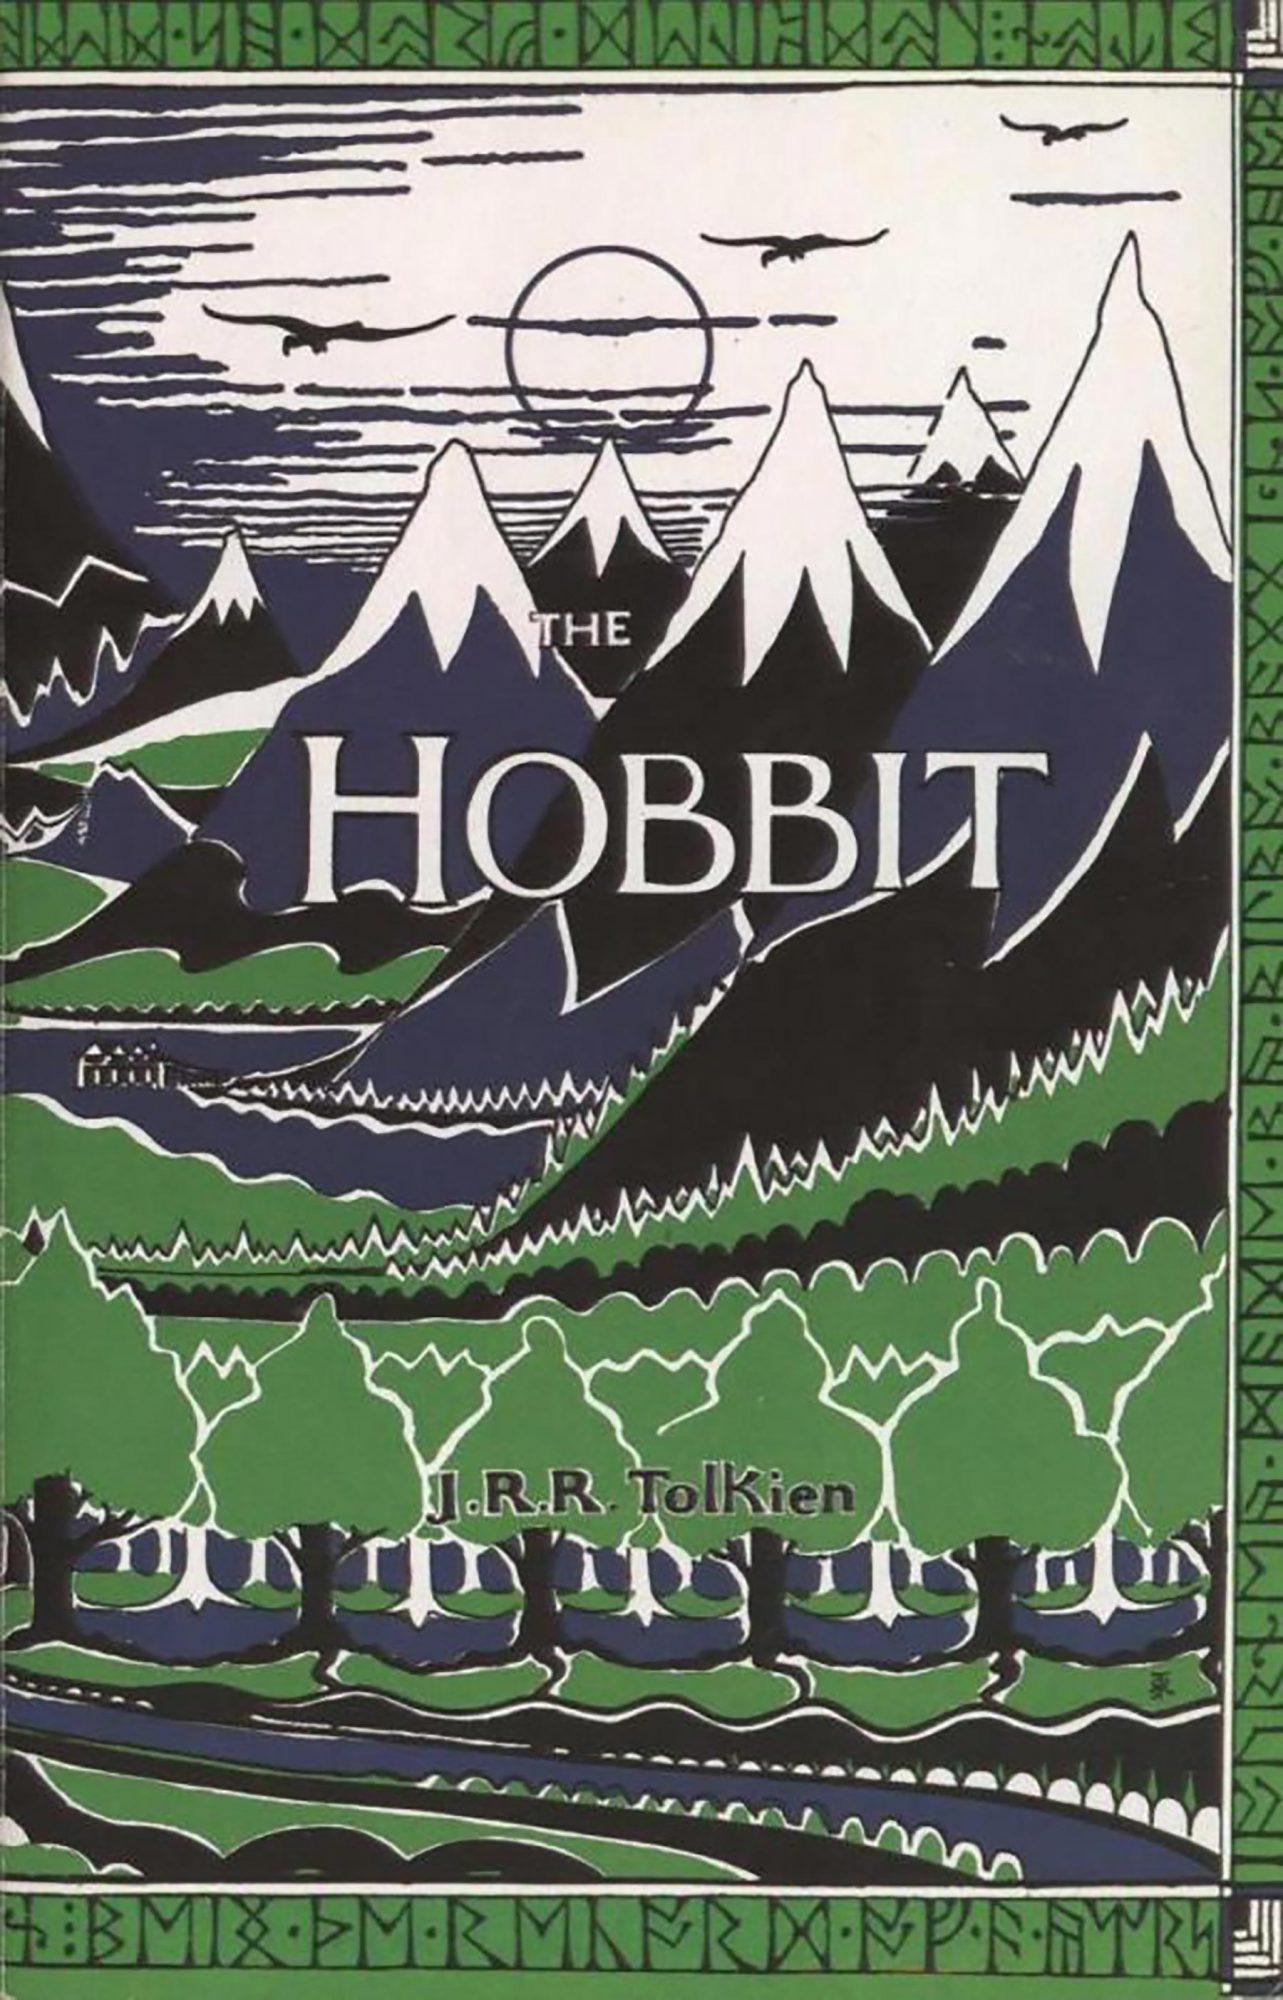 J.R.R. Tolkien, The Hobbit (1937) CR: HarperCollins